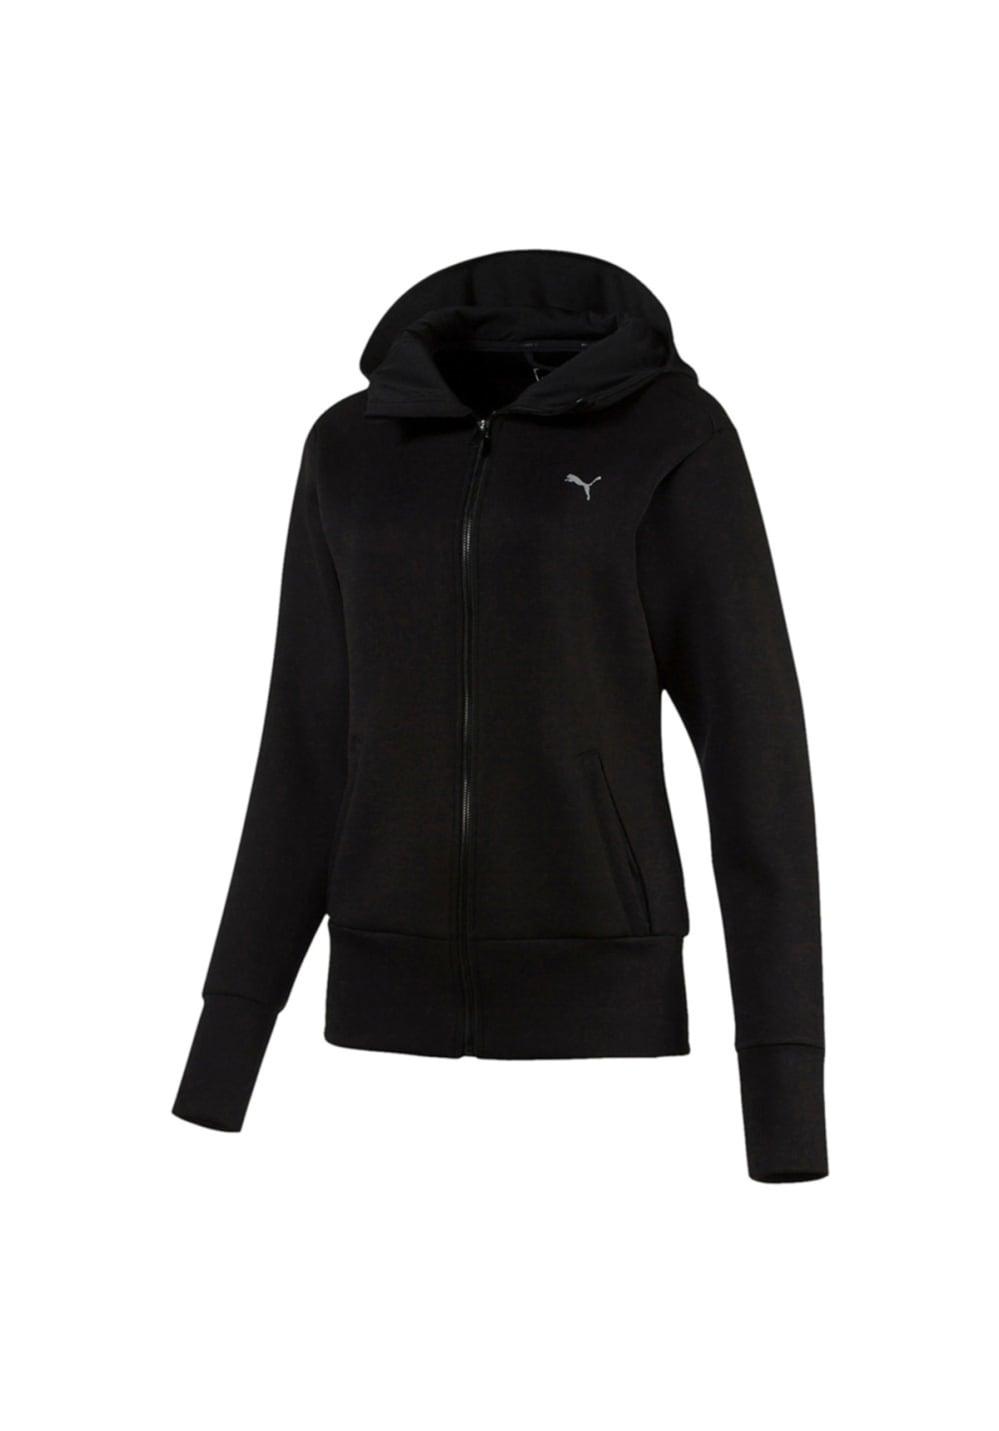 Puma Future Trainingsjacke - Laufjacken für Damen - Schwarz